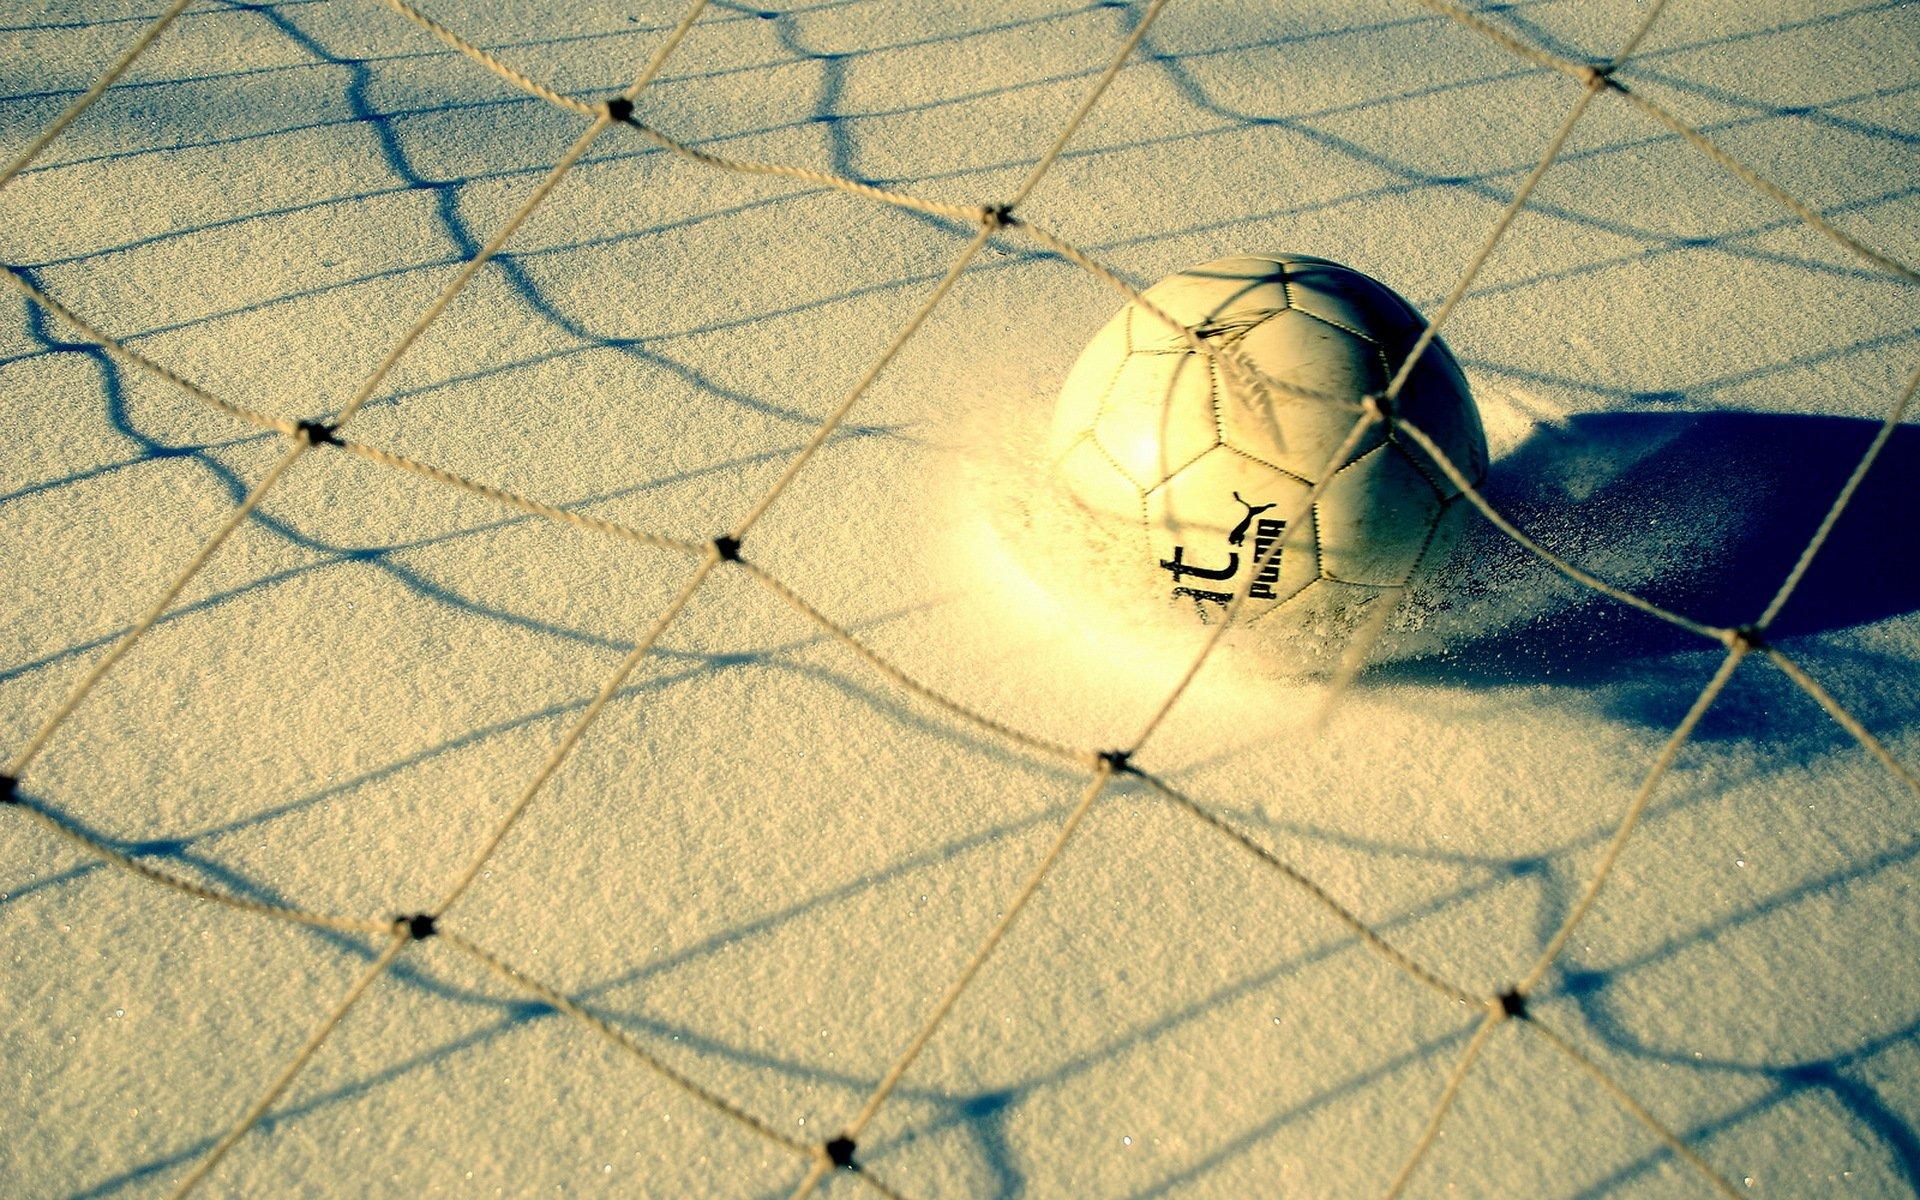 Мяч в сетке  № 1365481 без смс